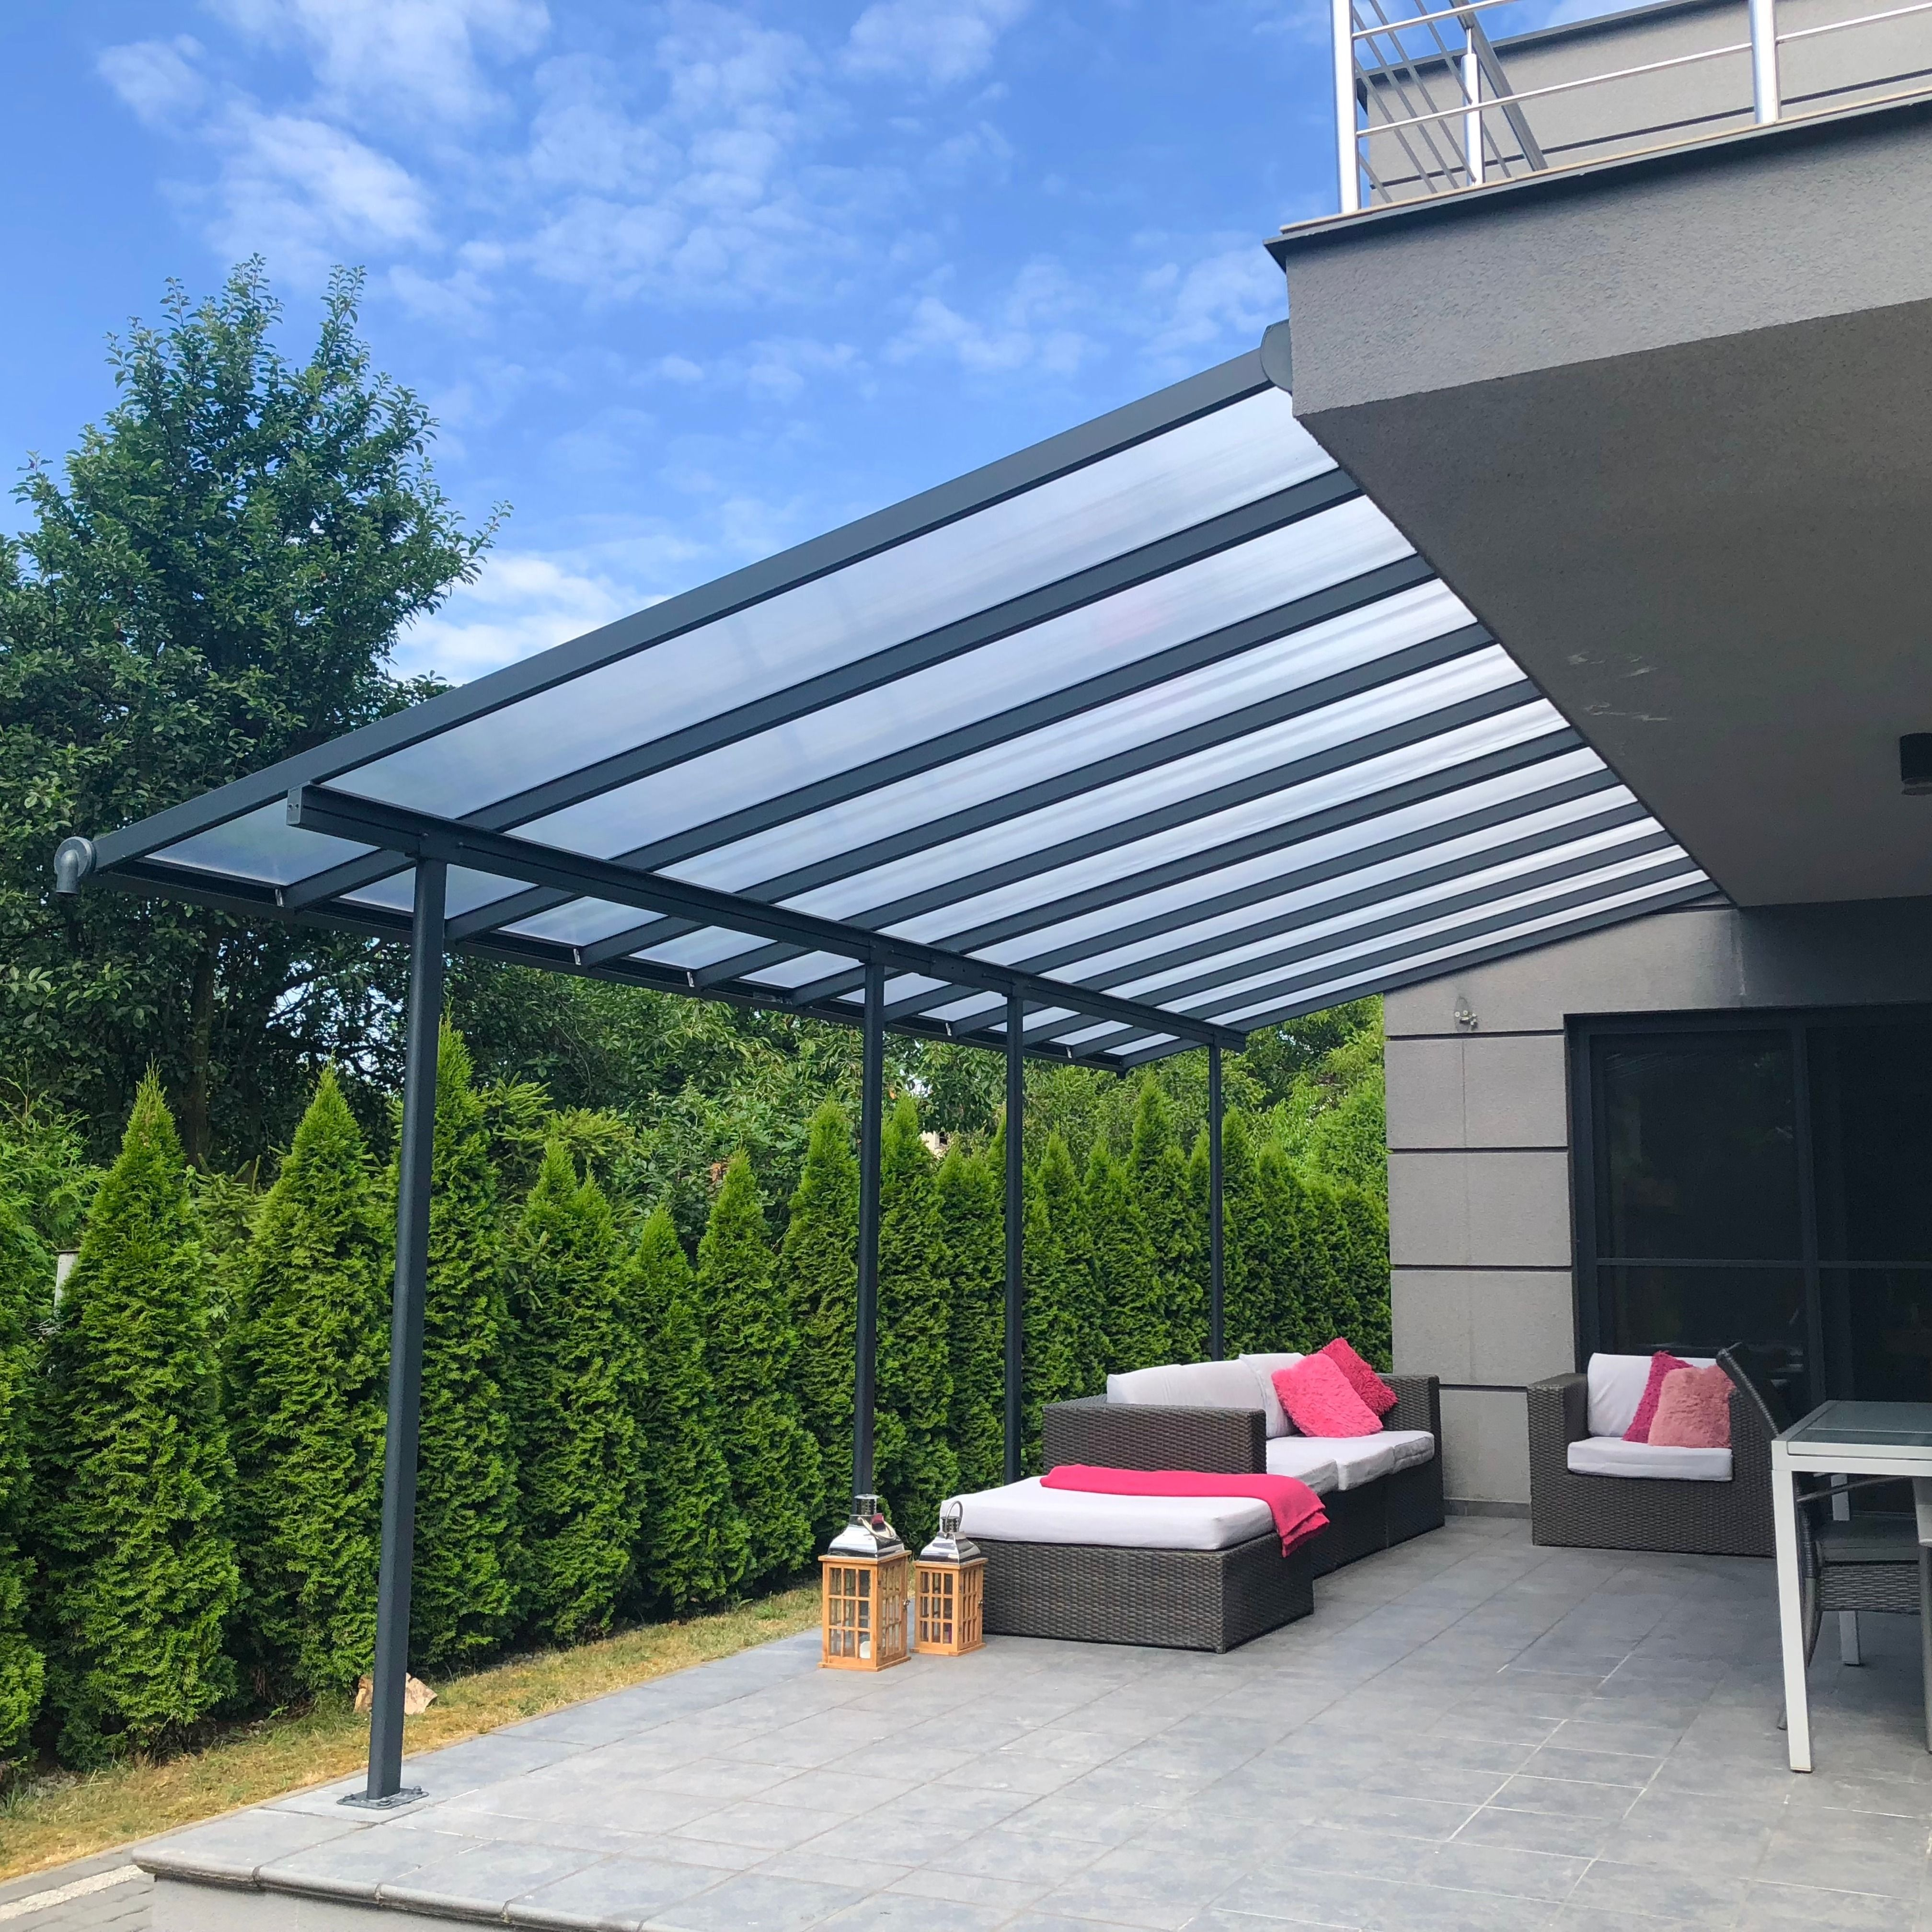 Zadaszenie Tarasu Z Aluminium Sierra Palram 3 X 5 46 M Biale Ogrodosfera Pl Outdoor Decor Outdoor Home